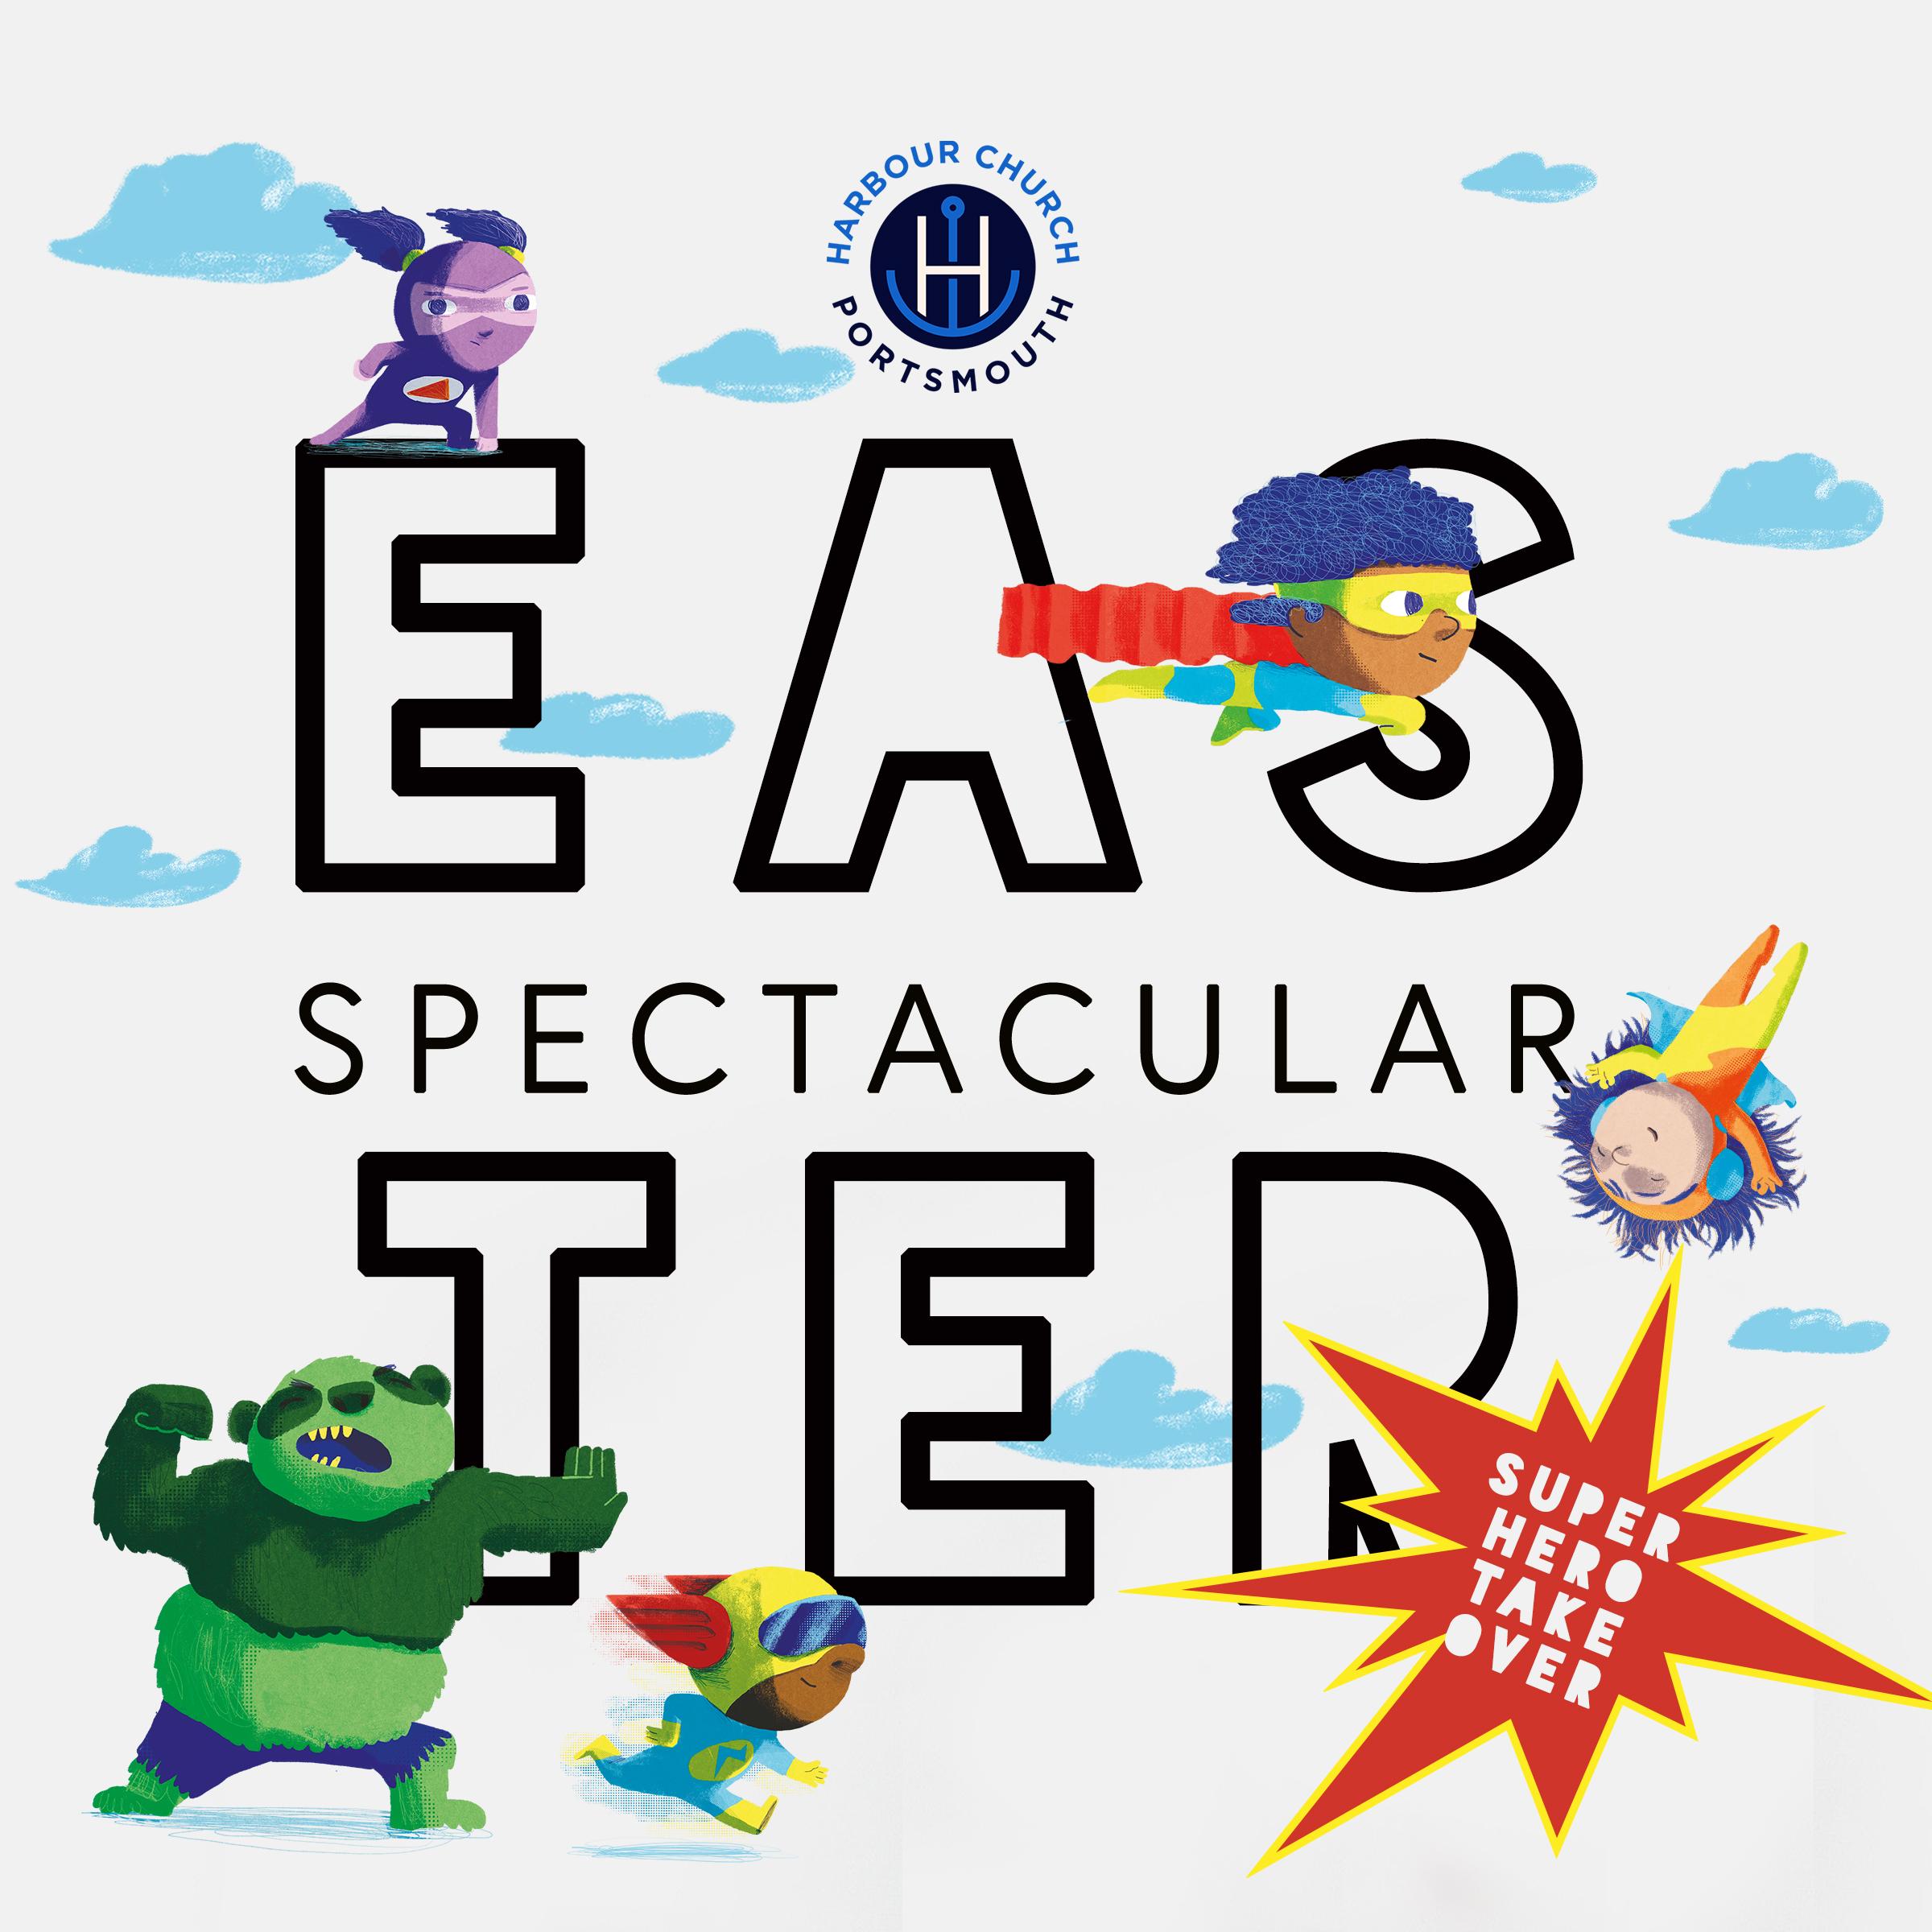 Easter Spectacular 2019.jpg